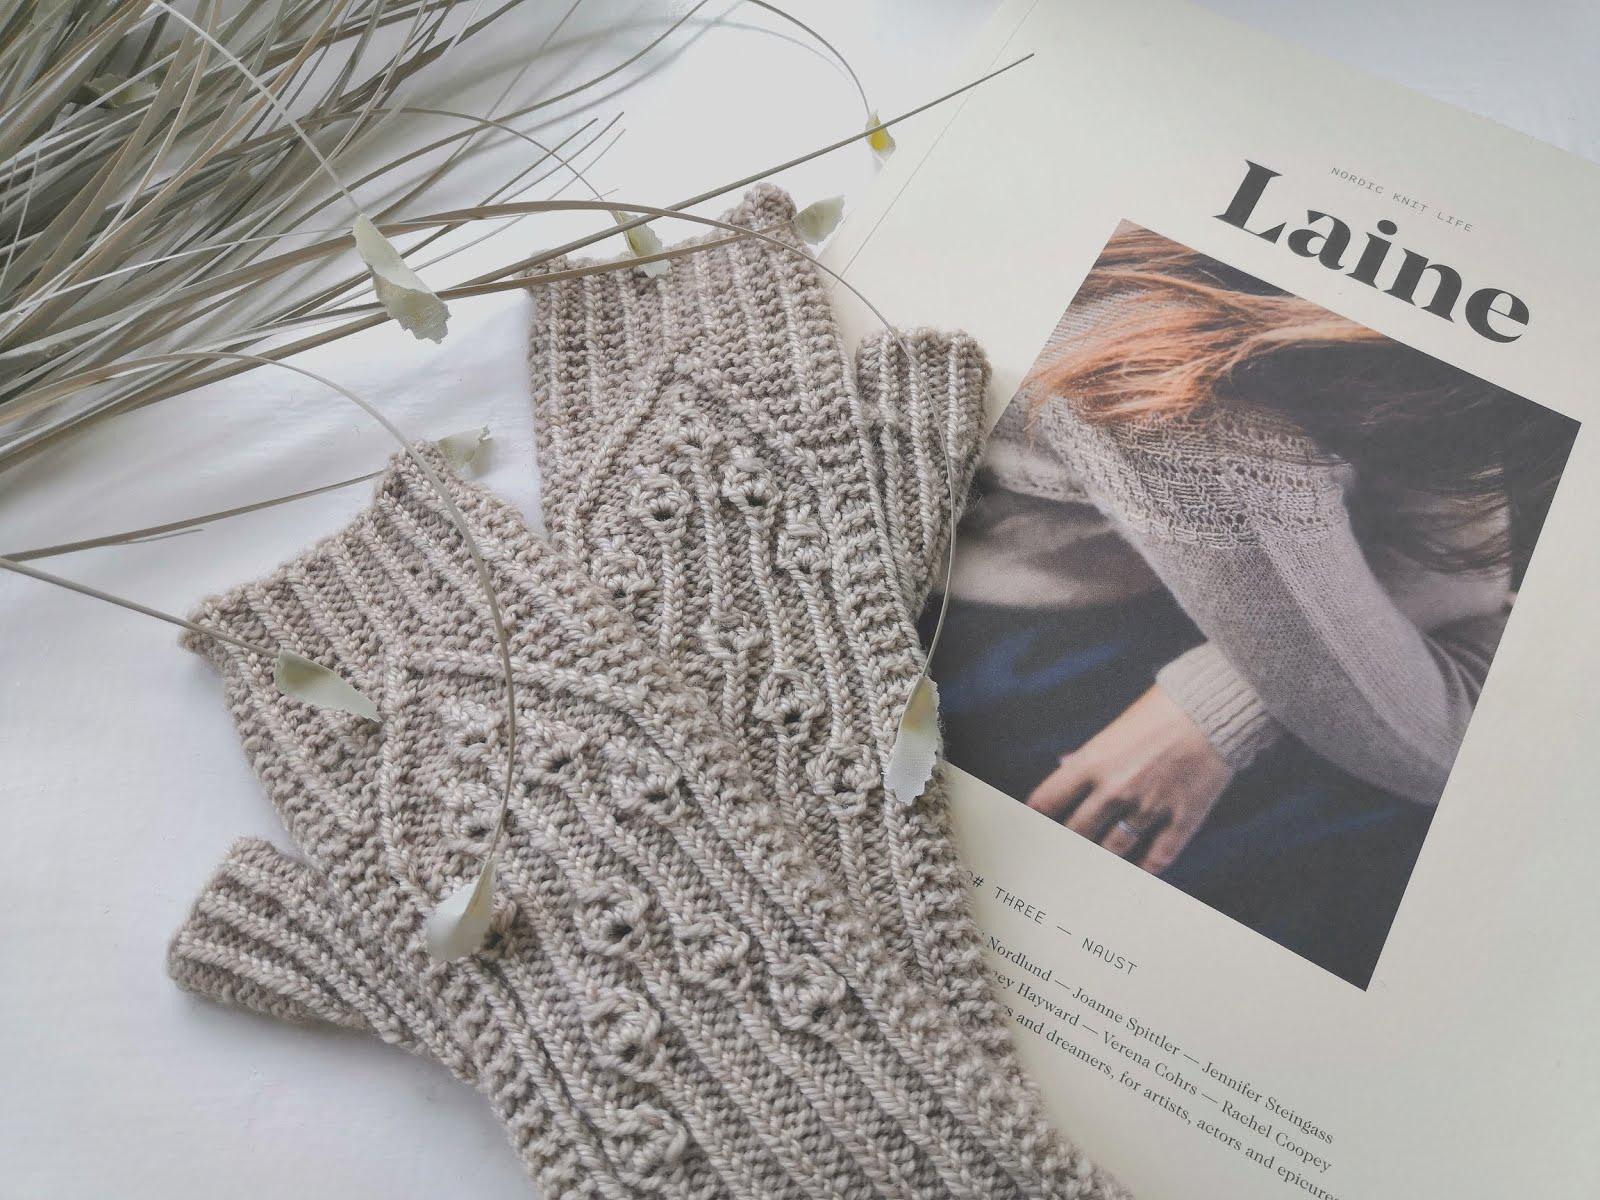 Virva Fingerless Mitts from Laine Magazine